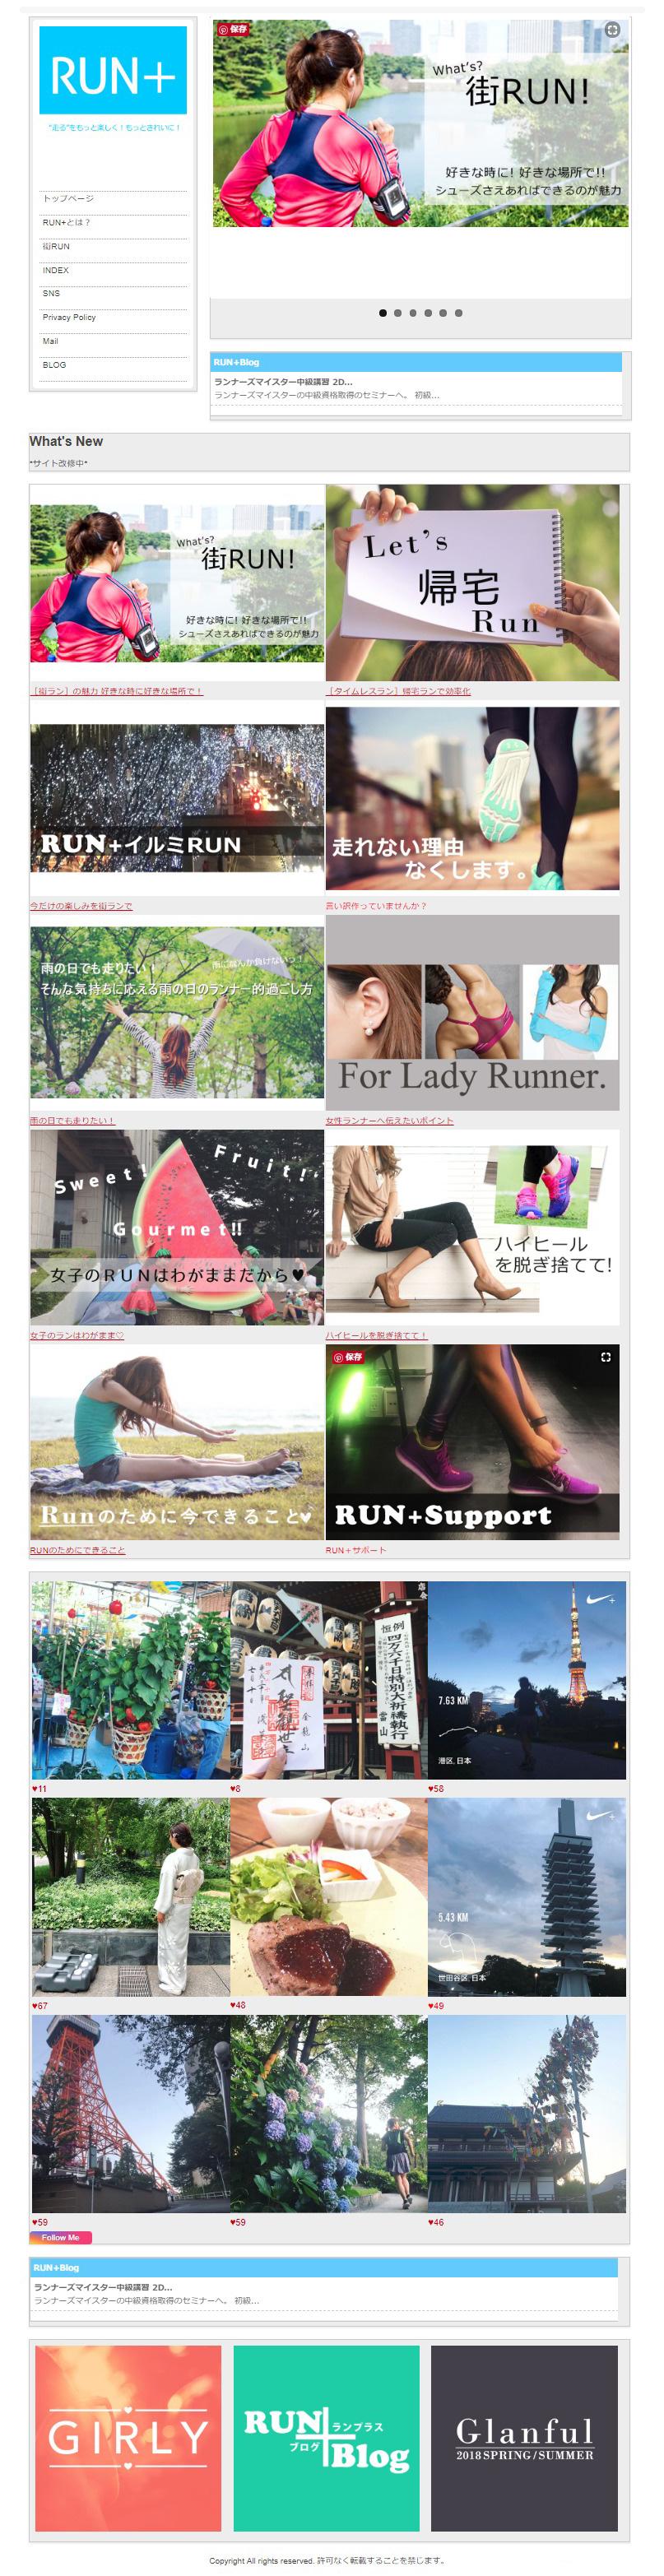 RUN+は、【走る】をもっと楽しく、もっとキレイに。をテーマに、 走ってみたいけど走るってどんな風に?と思ってるランニングが気になる女性や、走ってはいるけどモチベーションが続かず走るのも飽き気味…そんな方にオススメしたい走る+α。 走るに何かを足す ...